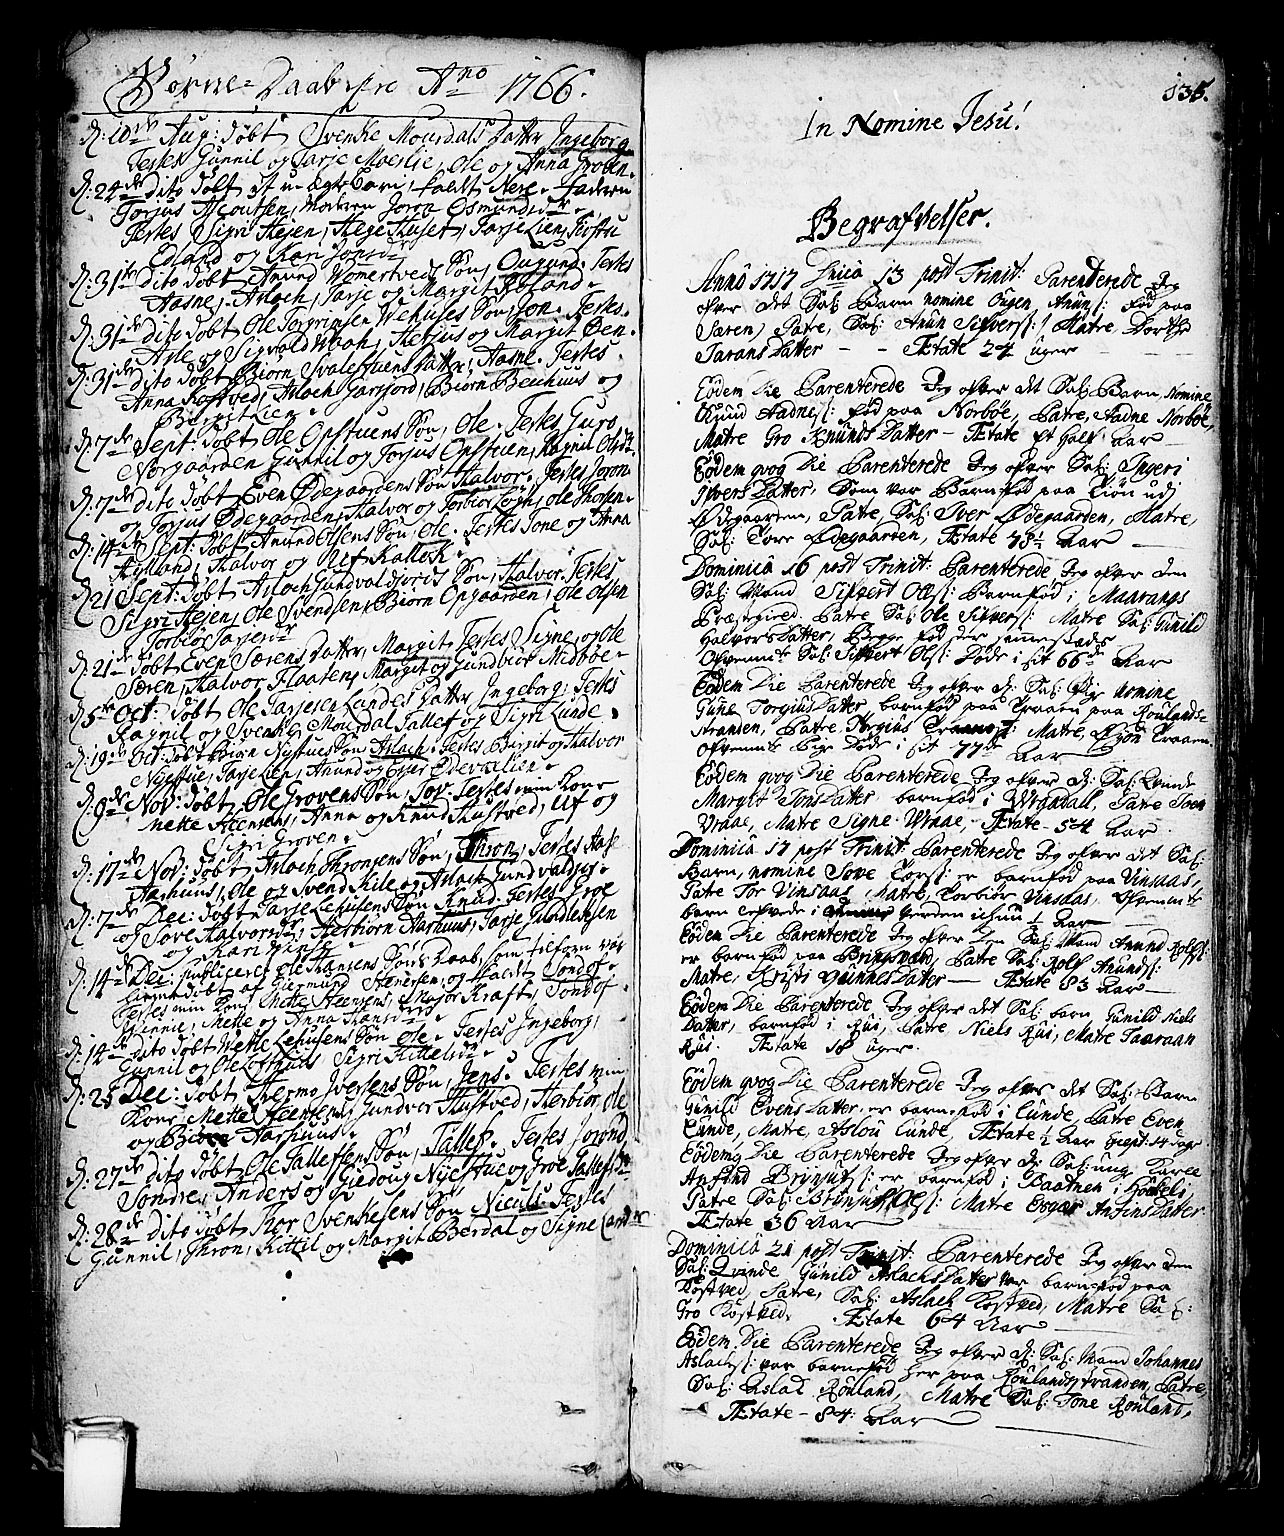 SAKO, Vinje kirkebøker, F/Fa/L0001: Ministerialbok nr. I 1, 1717-1766, s. 135